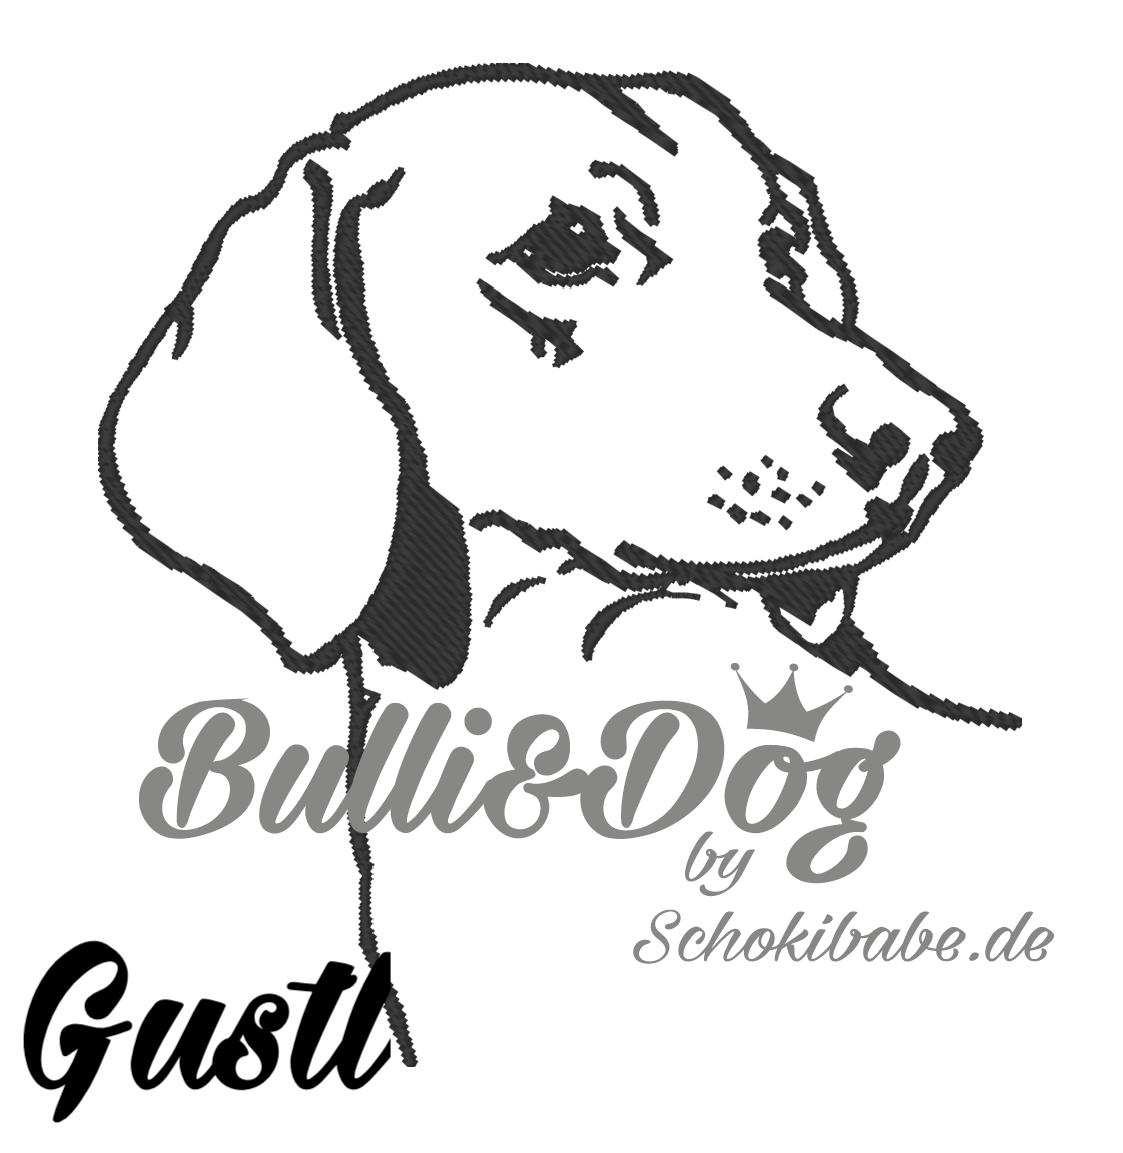 Gustl_8x8